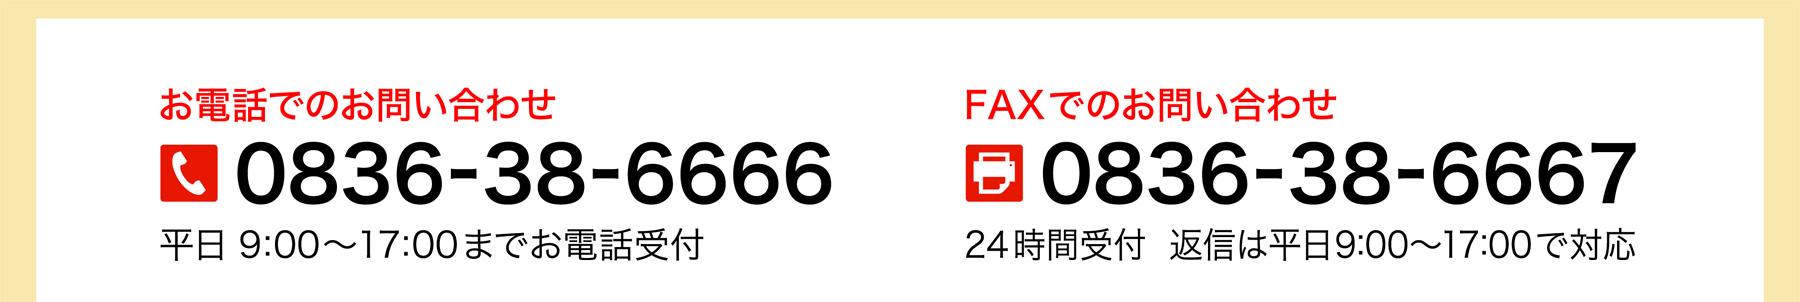 セルプ藤山 電話・FAX問い合わせTEL0836-38-6666